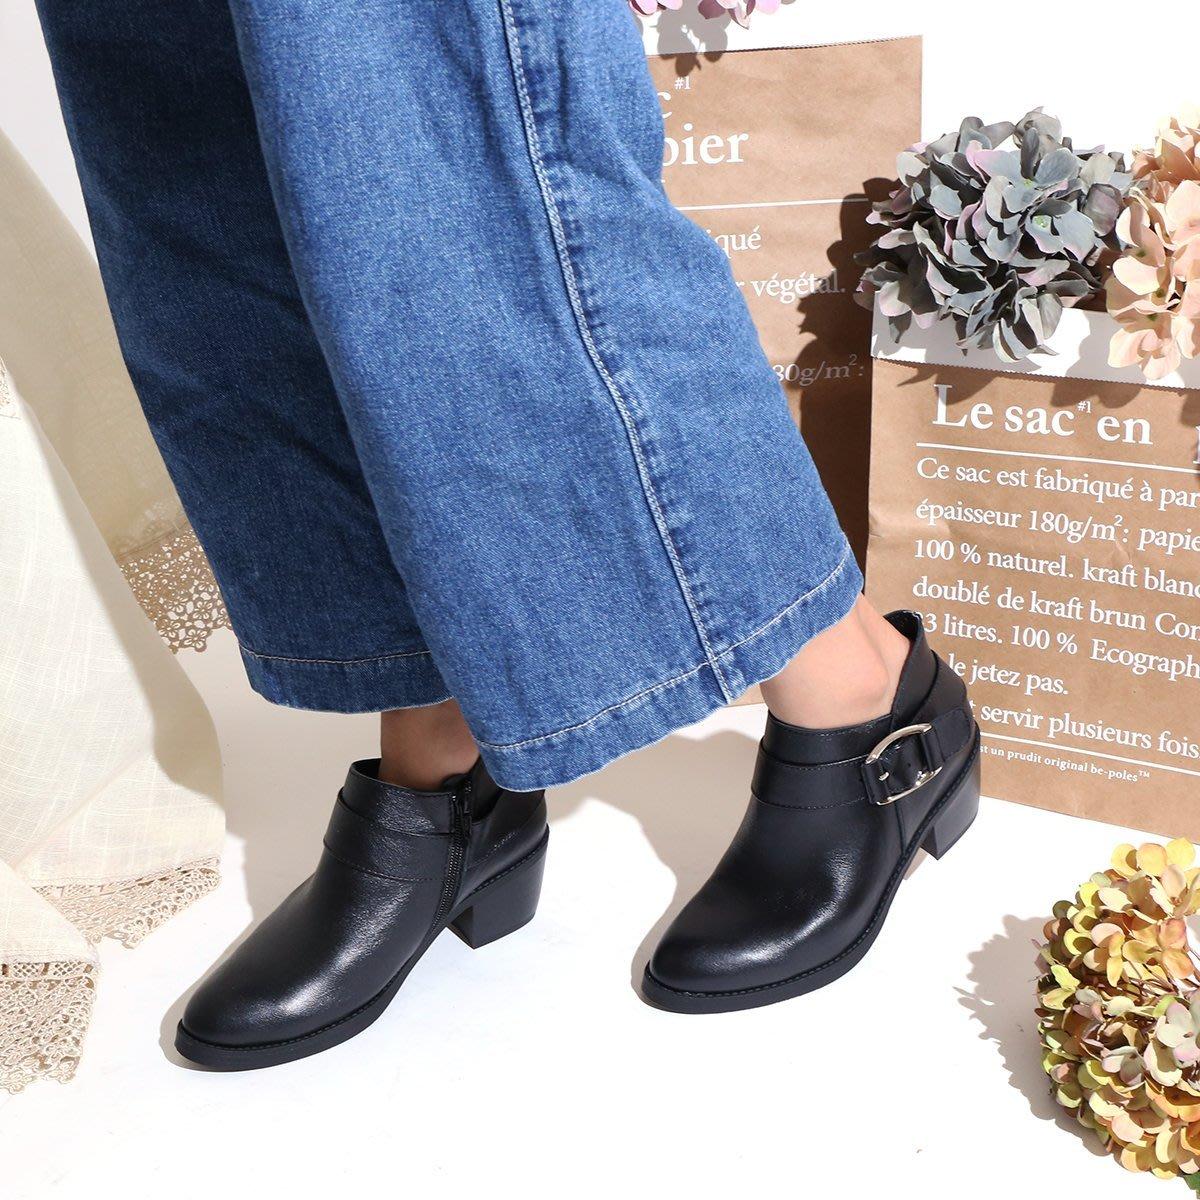 220短靴 柔軟氣墊底 單邊金屬釦飾側V口修飾真皮短靴 機車靴 馬靴 MIT台灣手工鞋 丹妮鞋屋